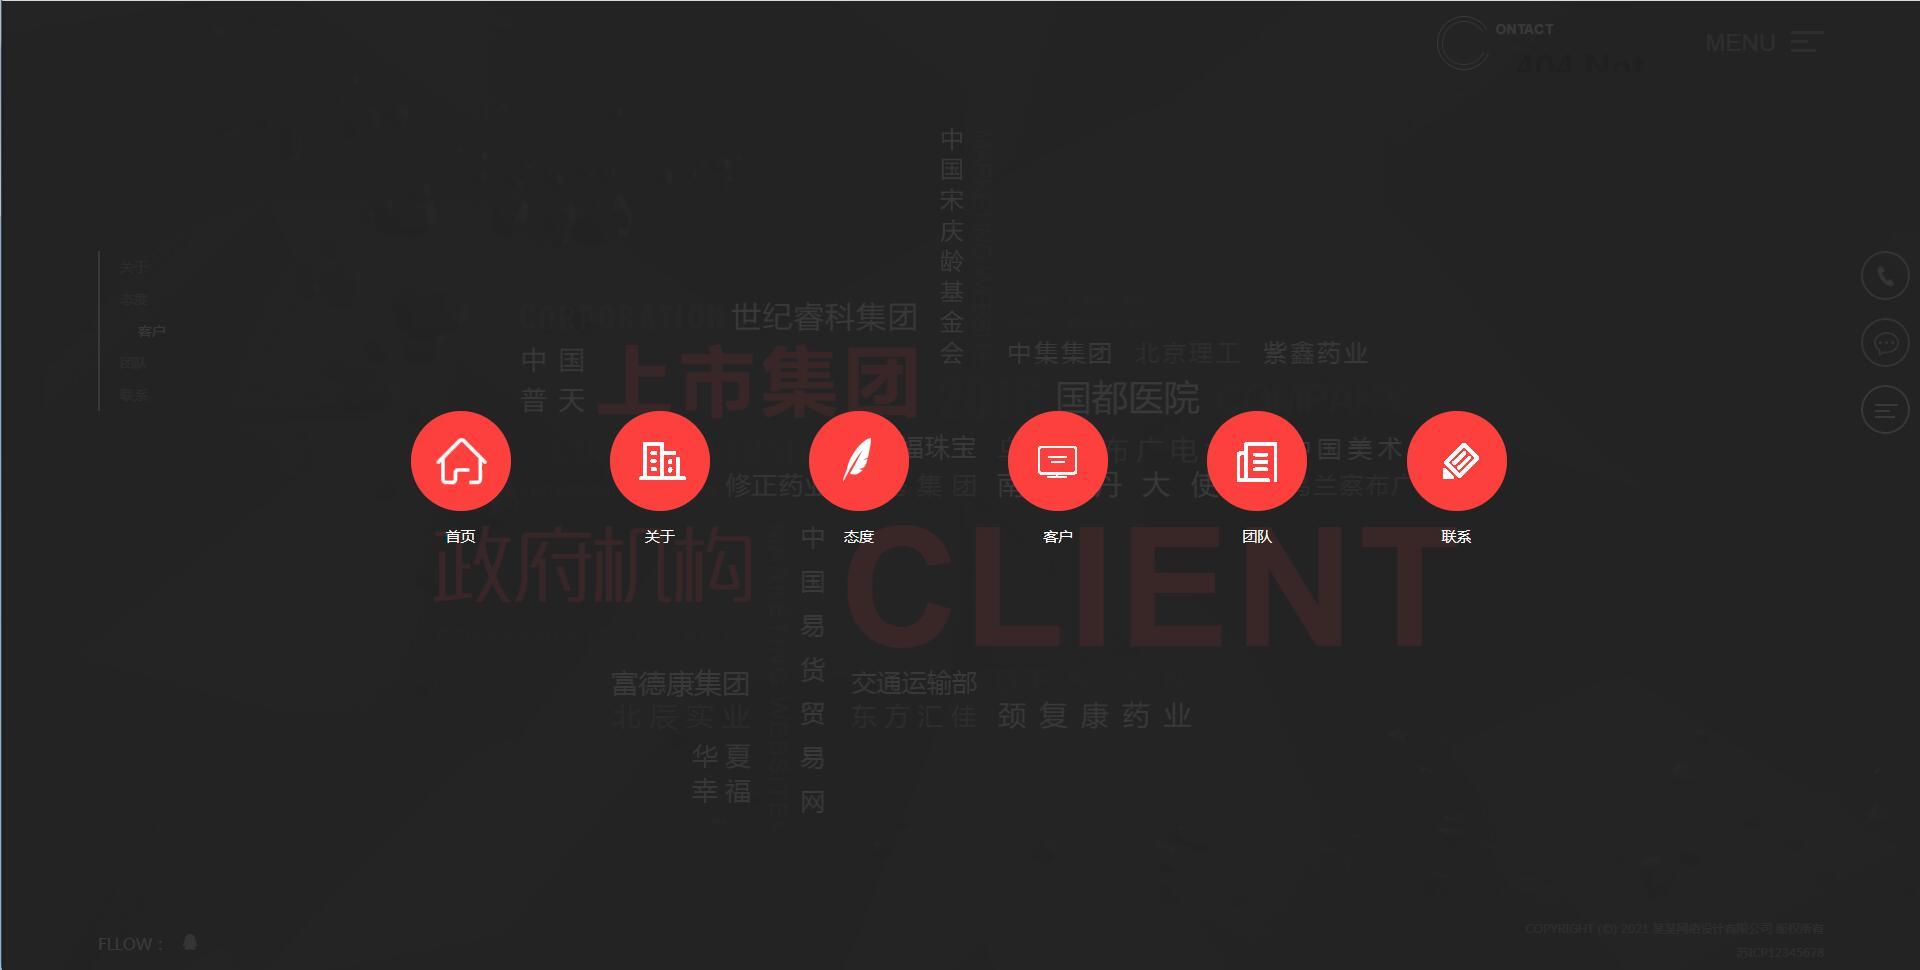 织梦dedecms高端响应式创意滚屏网络设计建站公司网站模板 自适应手机端